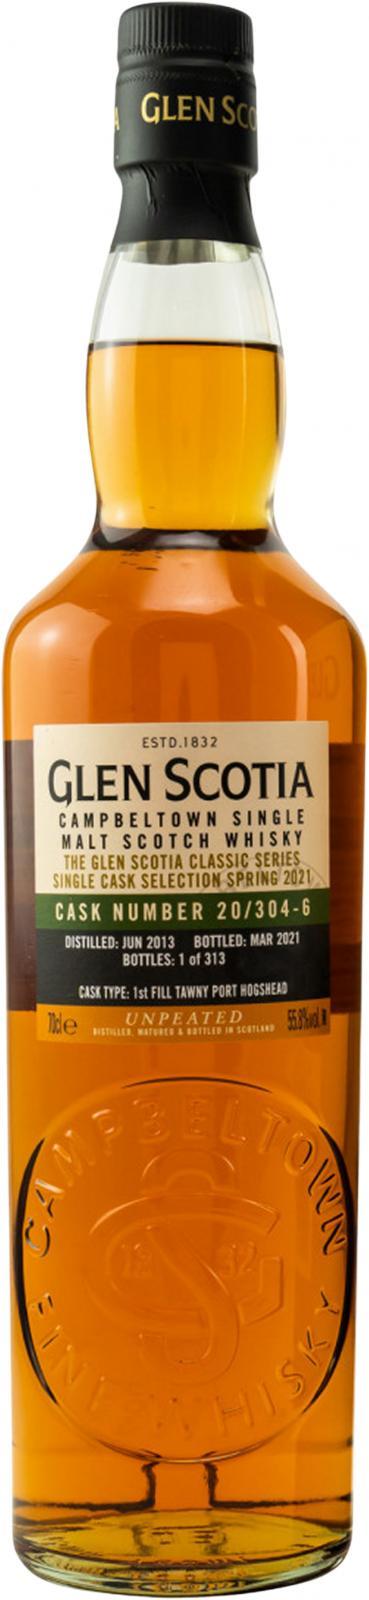 Glen Scotia 2013